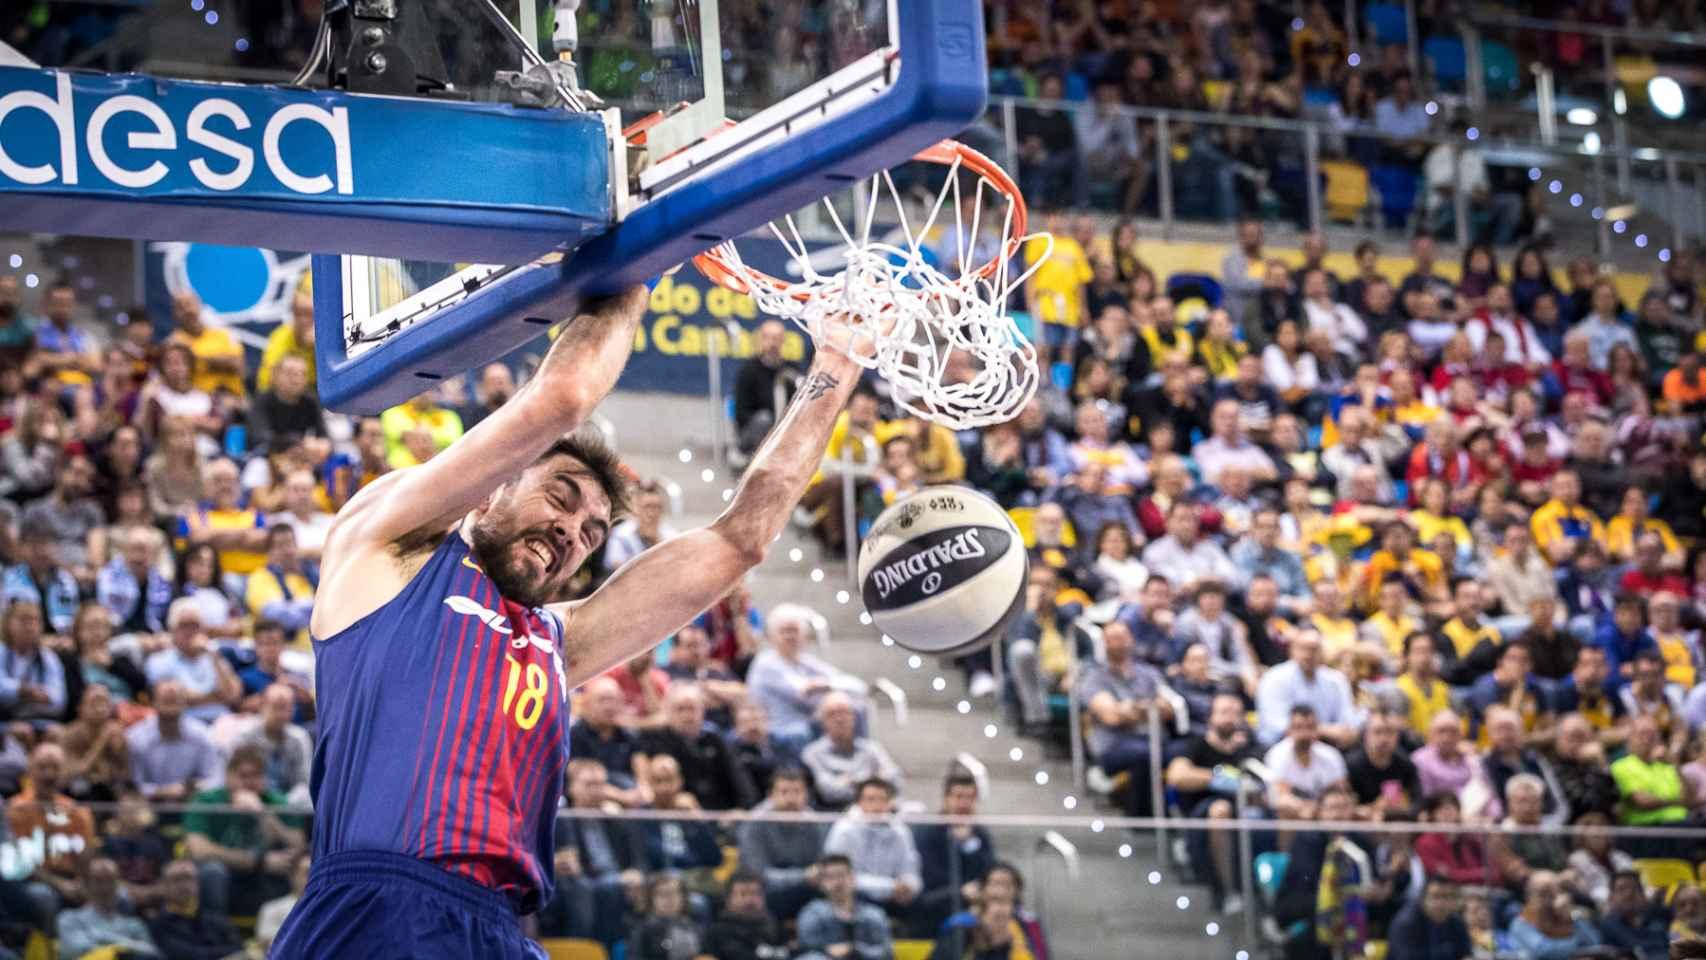 Las mejores imágenes del FC Barcelona Lassa - Baskonia de la Copa del Rey de baloncesto